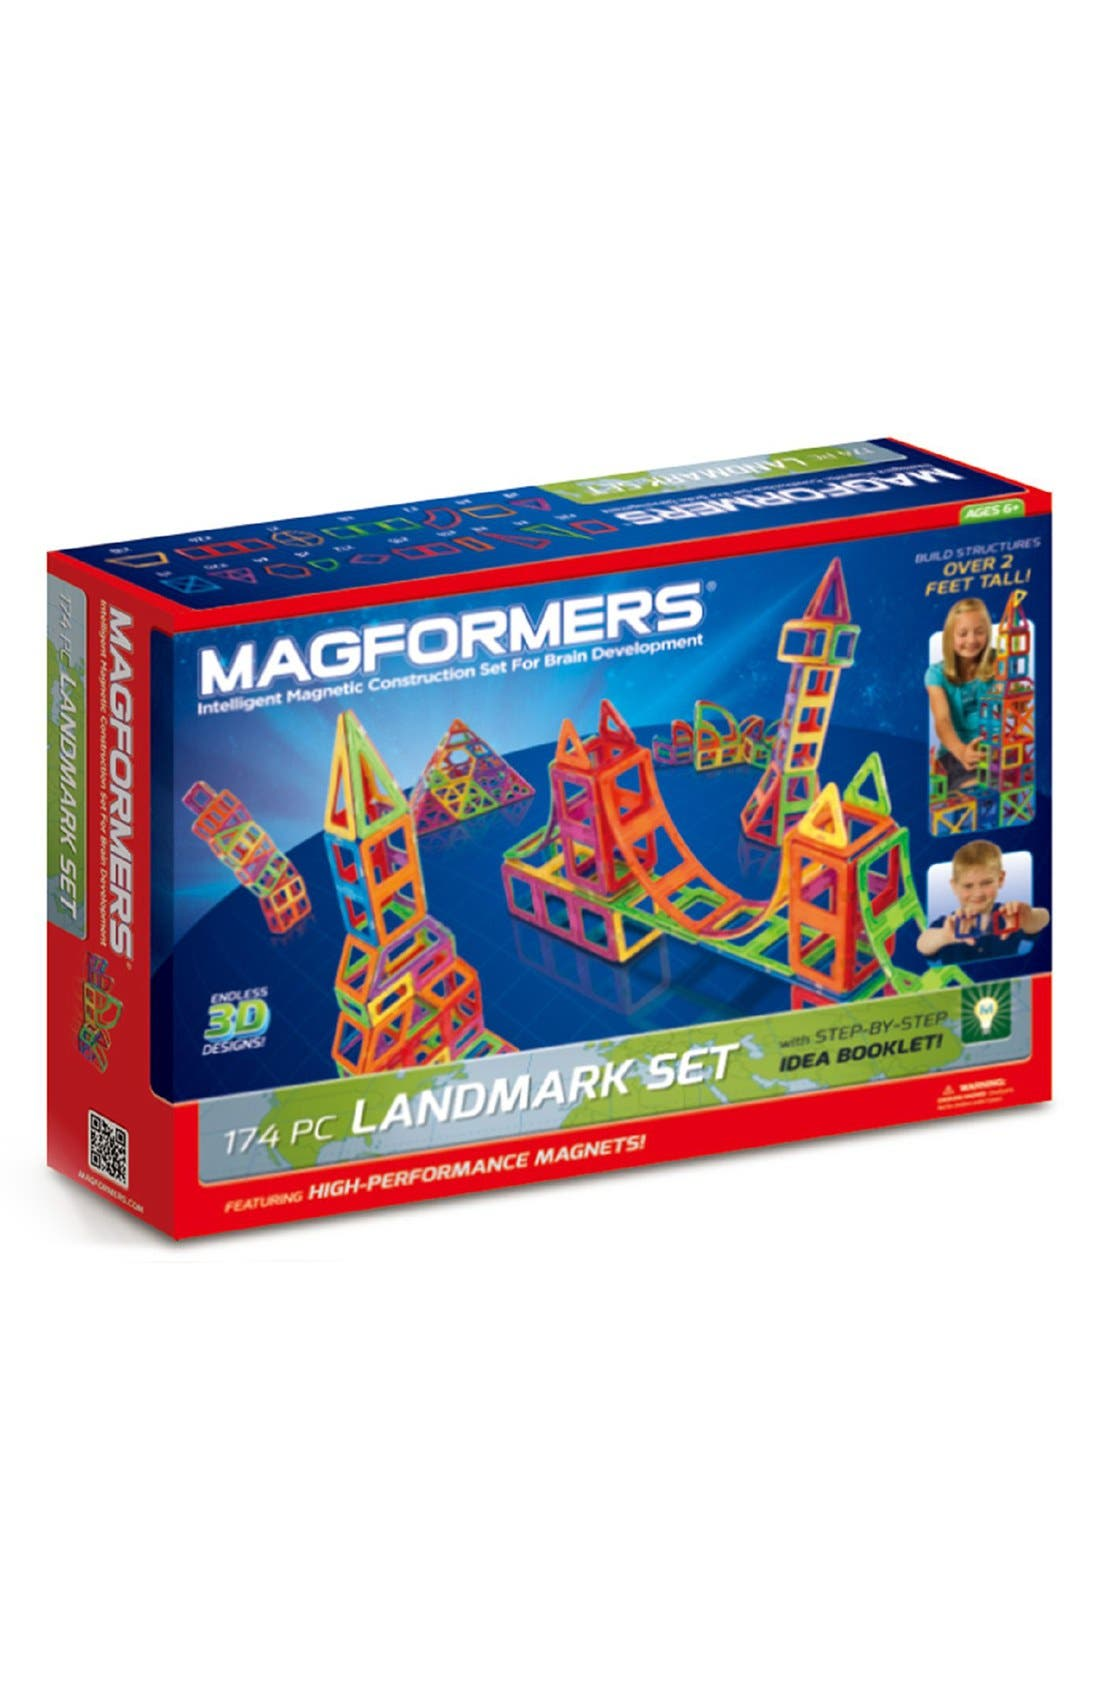 'Landmark' Magnetic 3D Construction Set,                             Main thumbnail 1, color,                             960